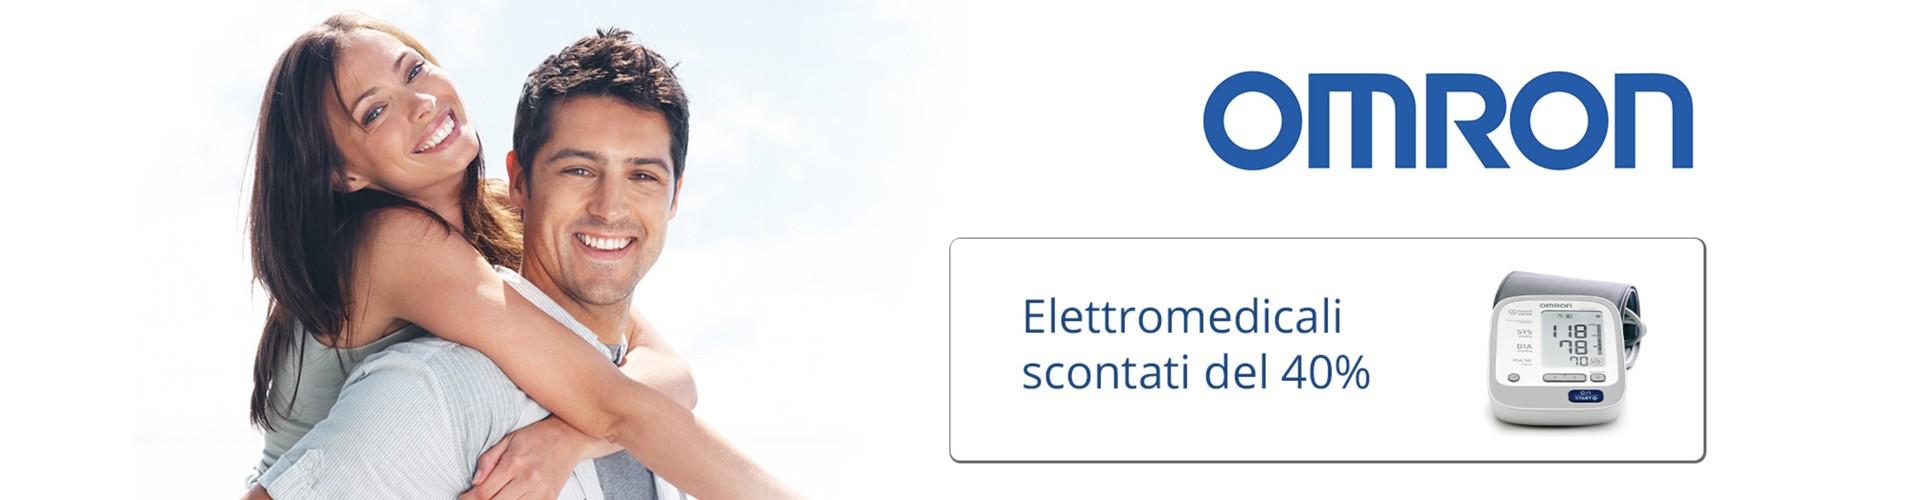 Elettromedicali Omron